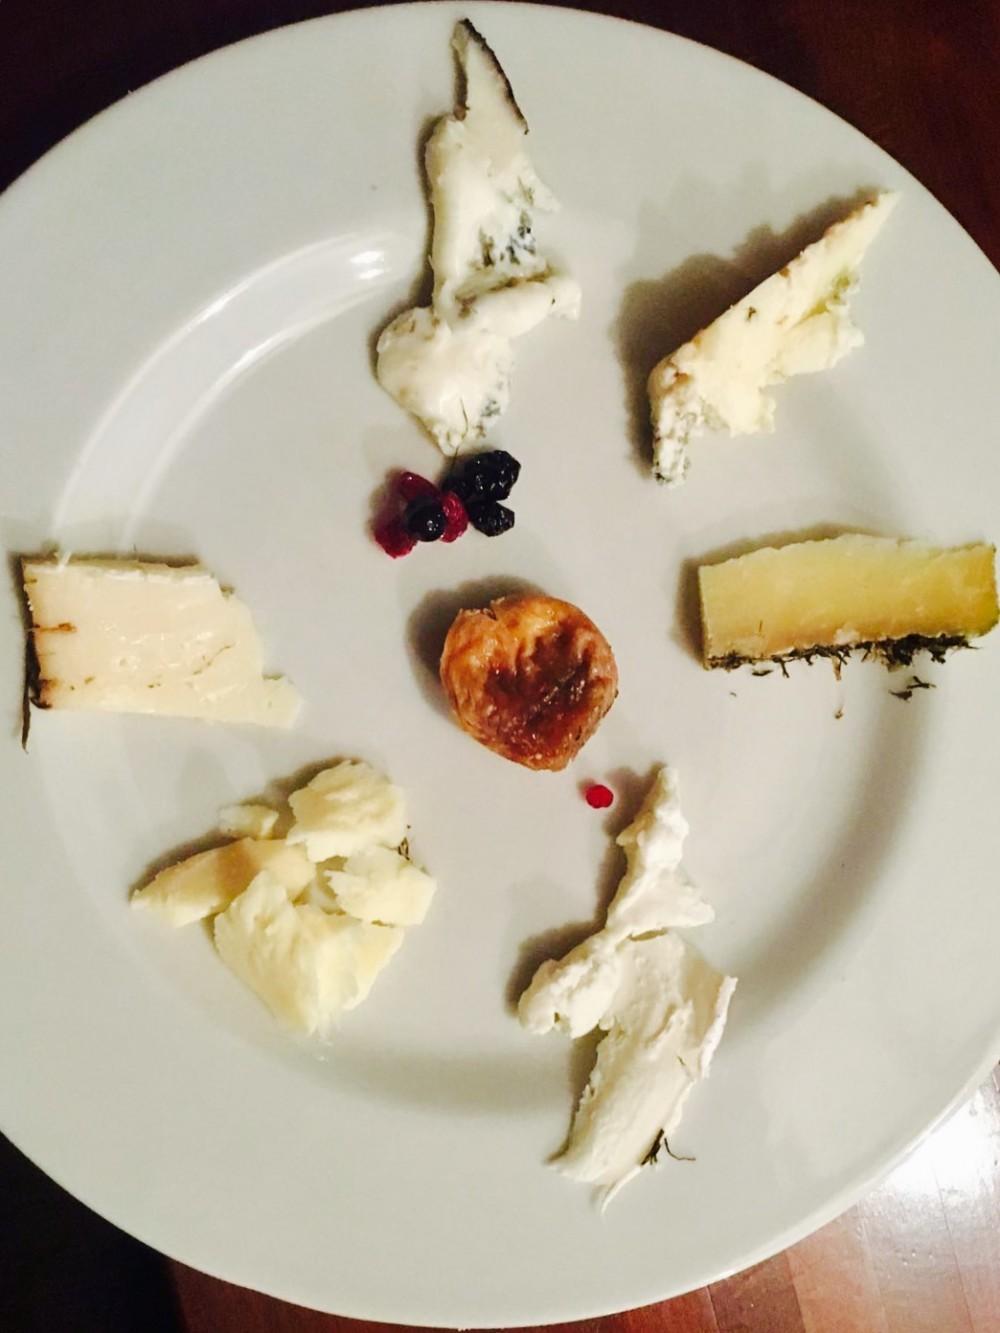 Civico 12, Piatto formaggi in degustazione